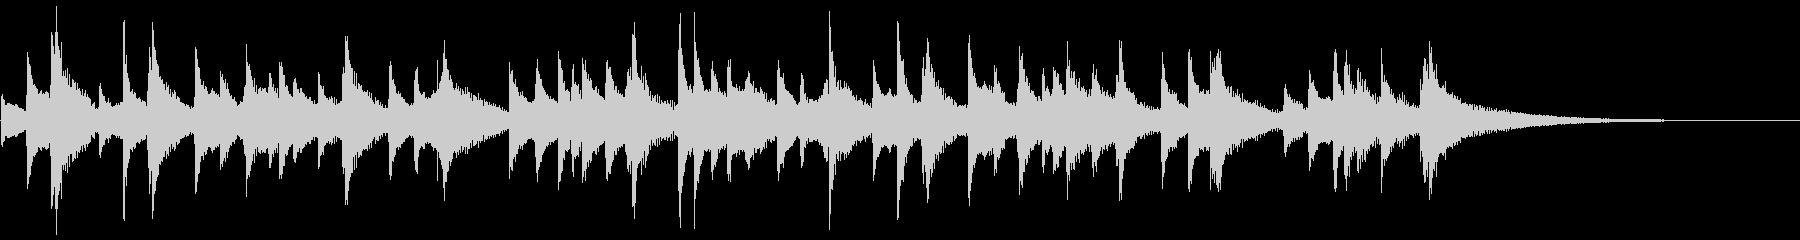 琴のシンプルな独奏の未再生の波形